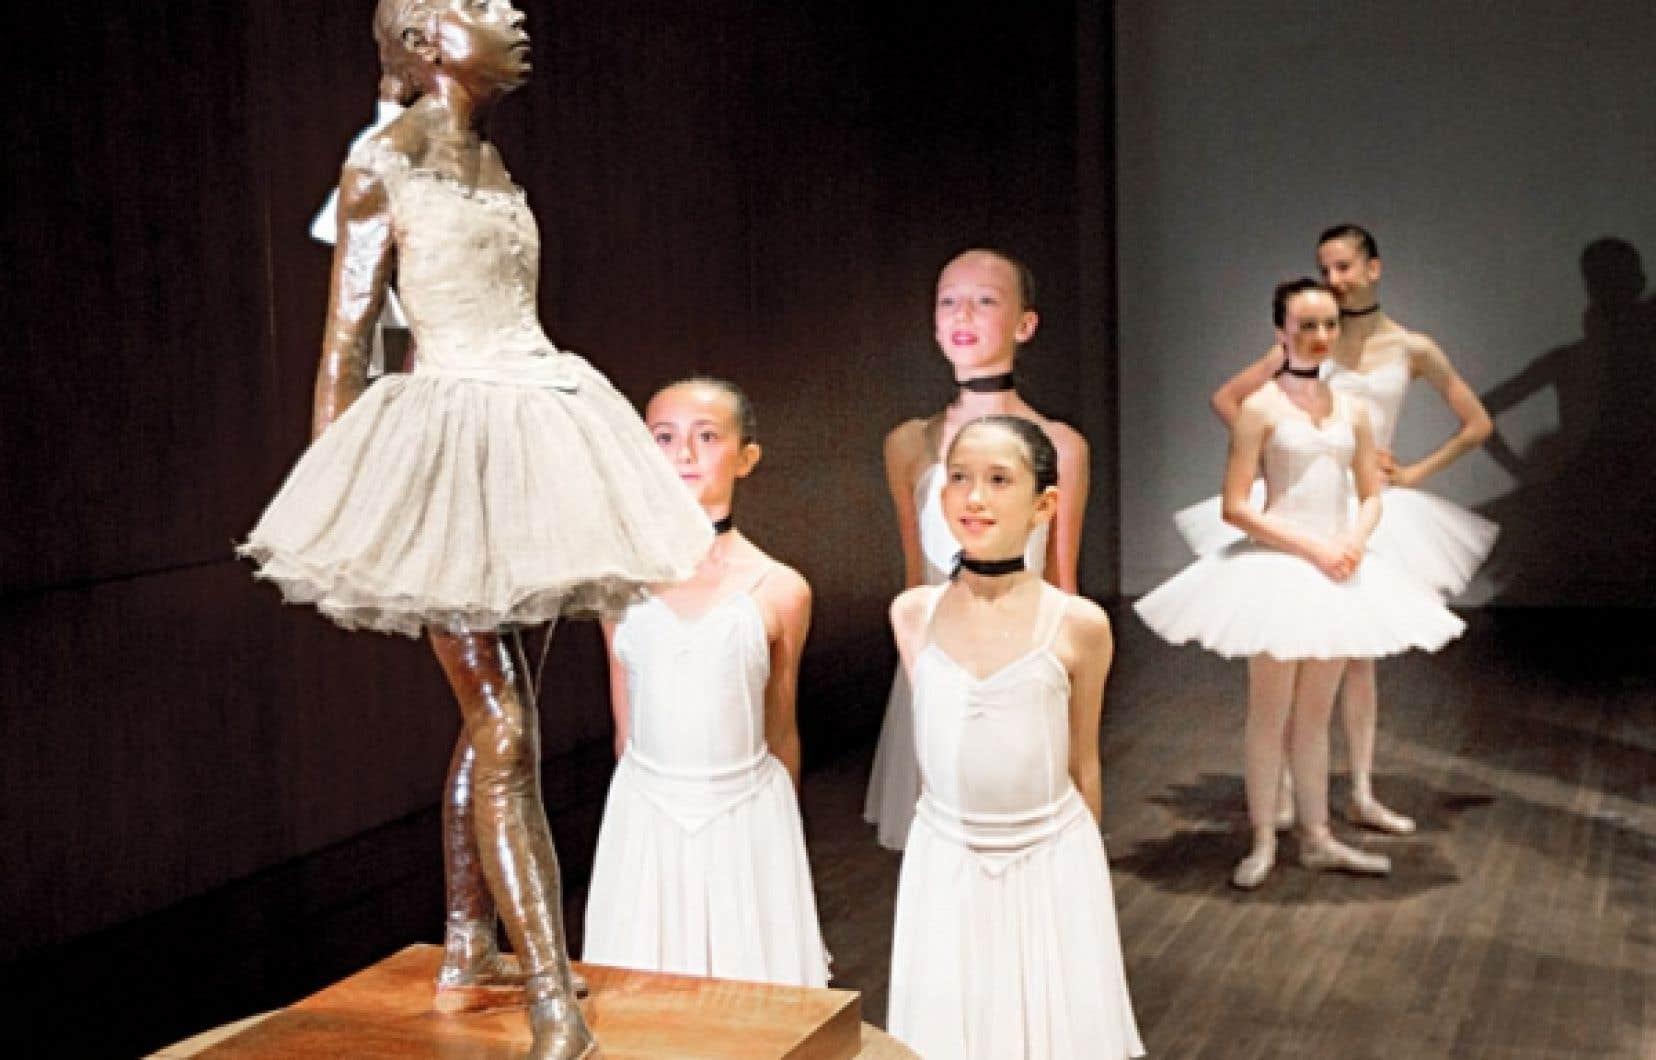 La plus célèbre sculpture de Degas a été dévoilée mardi en compagnie d'une douzaine de petites ballerines de l'l'École supérieure de ballet du Québec.